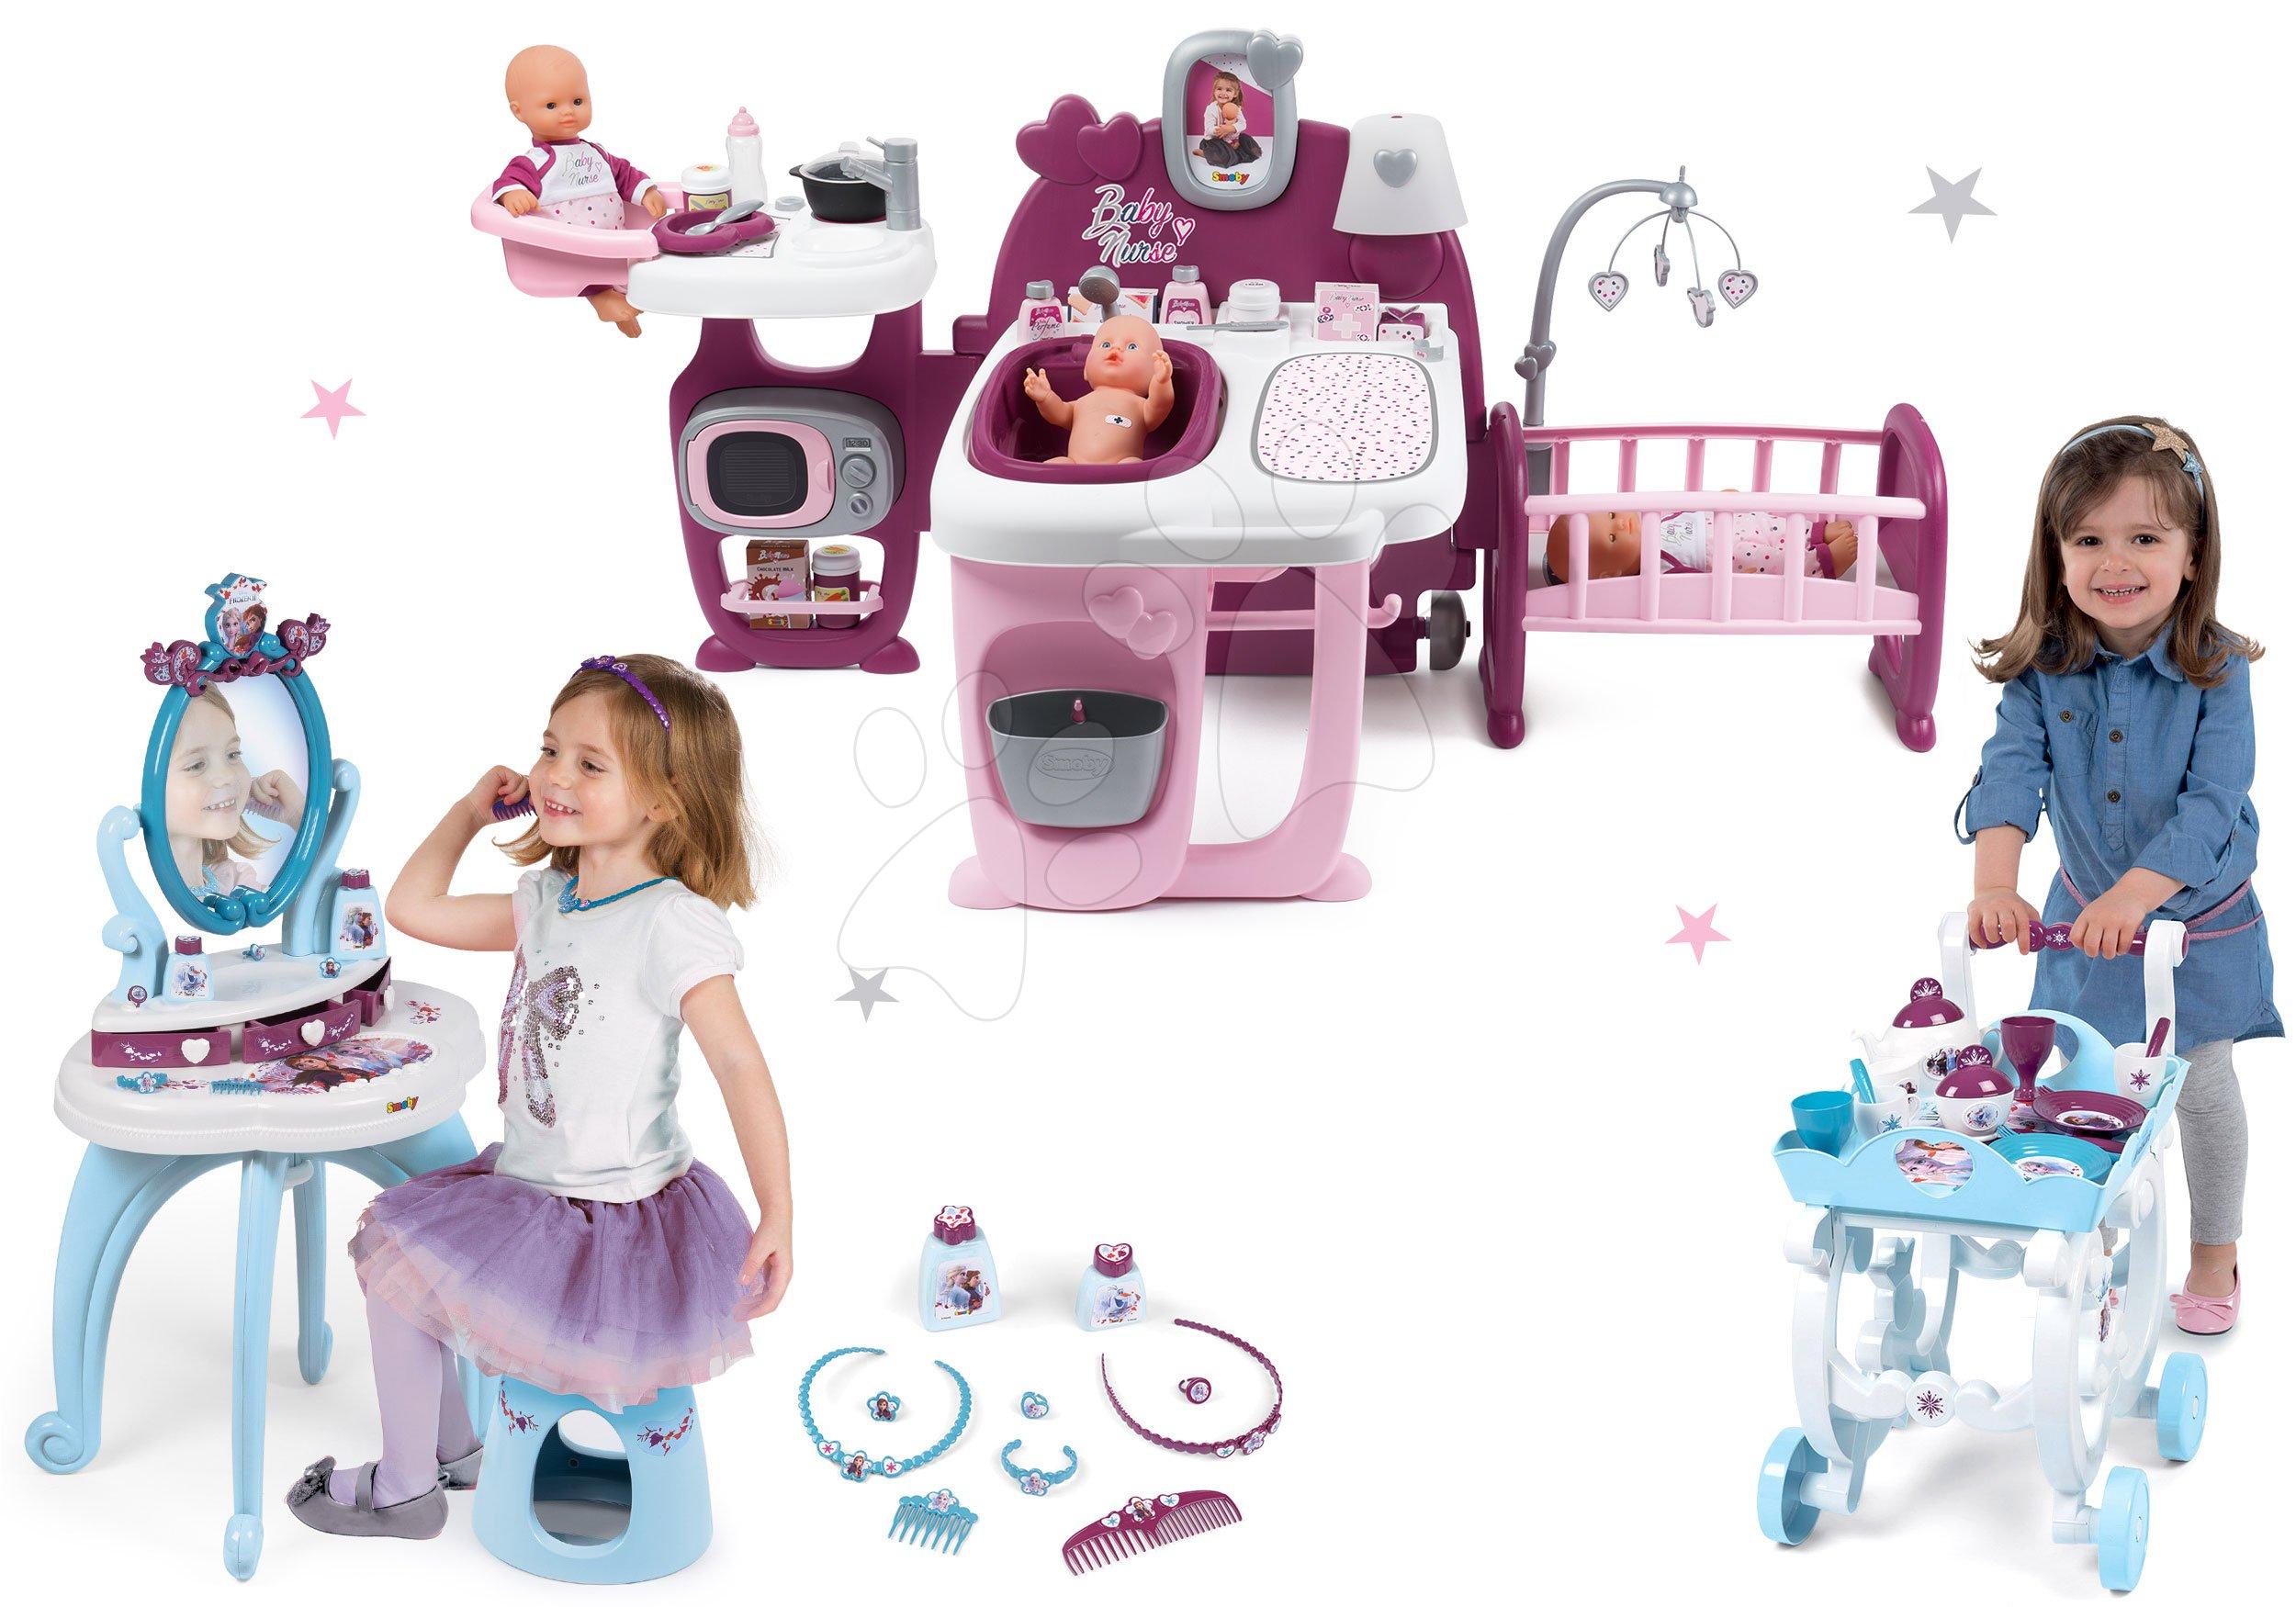 Smoby set domeček pro panenku Baby Nurse Doll´s Play Center a kosmetický stolek Frozen a servírovací vozík 220327-13